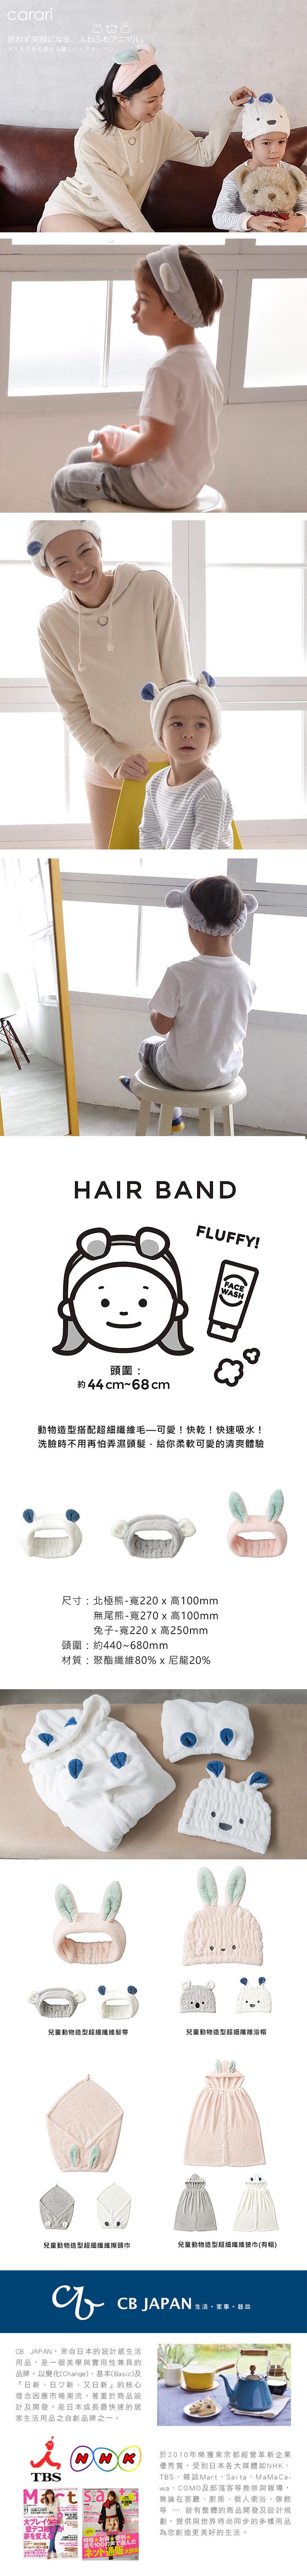 (複製)CB Japan 兒童動物造型超細纖維浴帽-小白兔粉